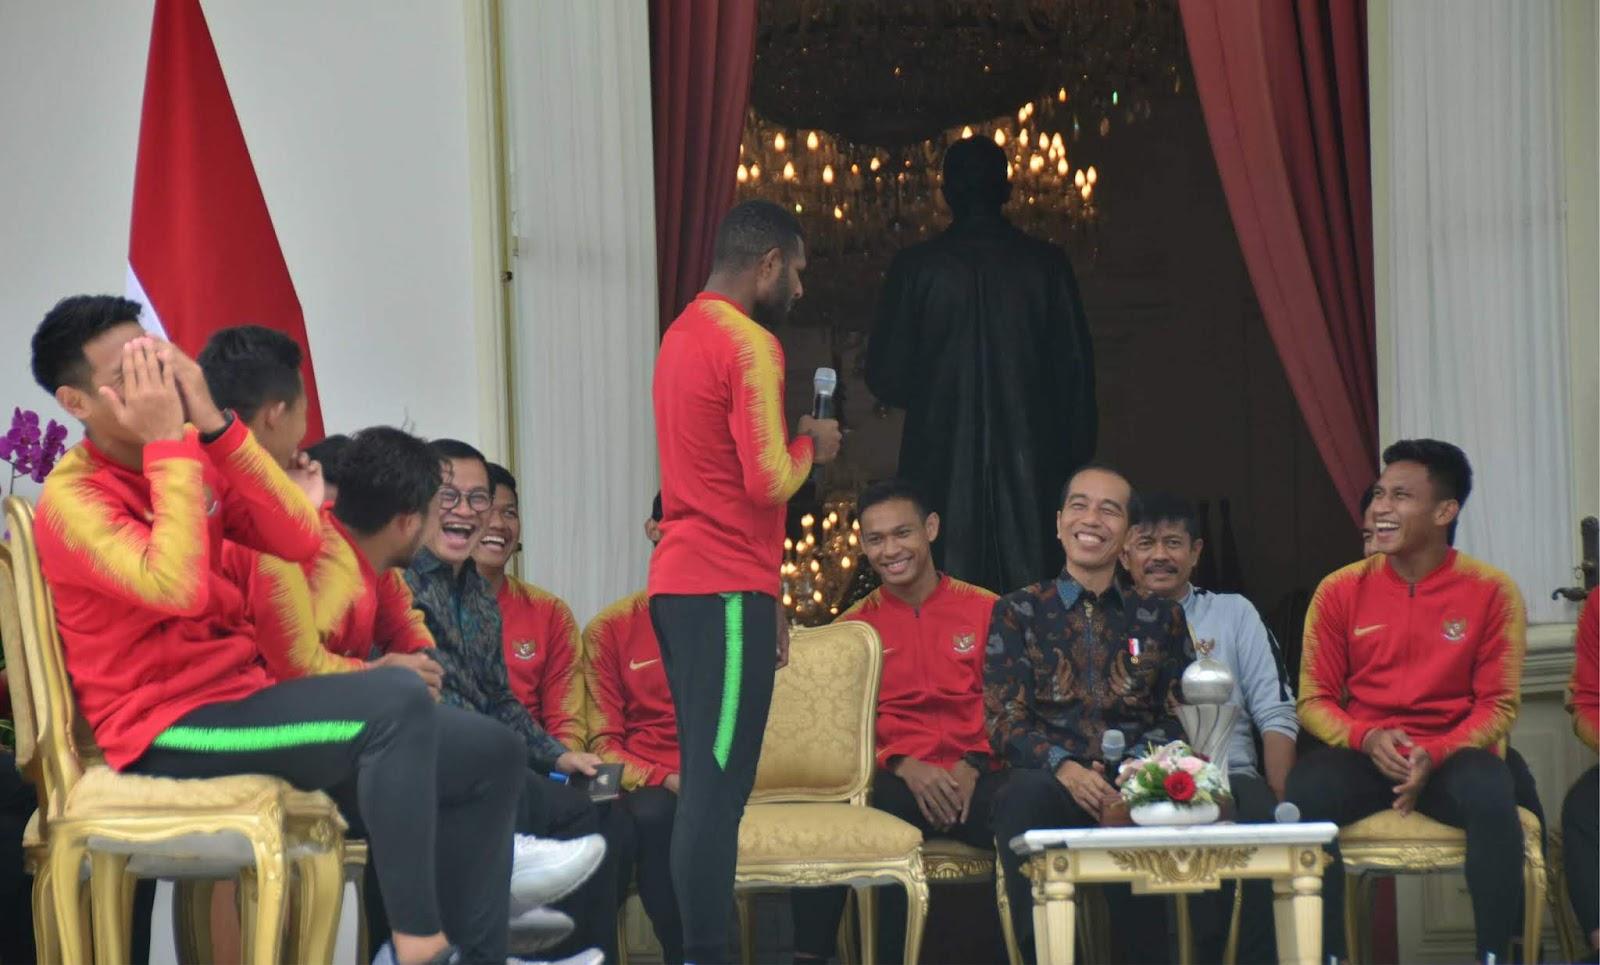 Presiden Jokowi Tambah Bonus Punggawa Timnas U-22 Masing-Masing Rp200 Juta